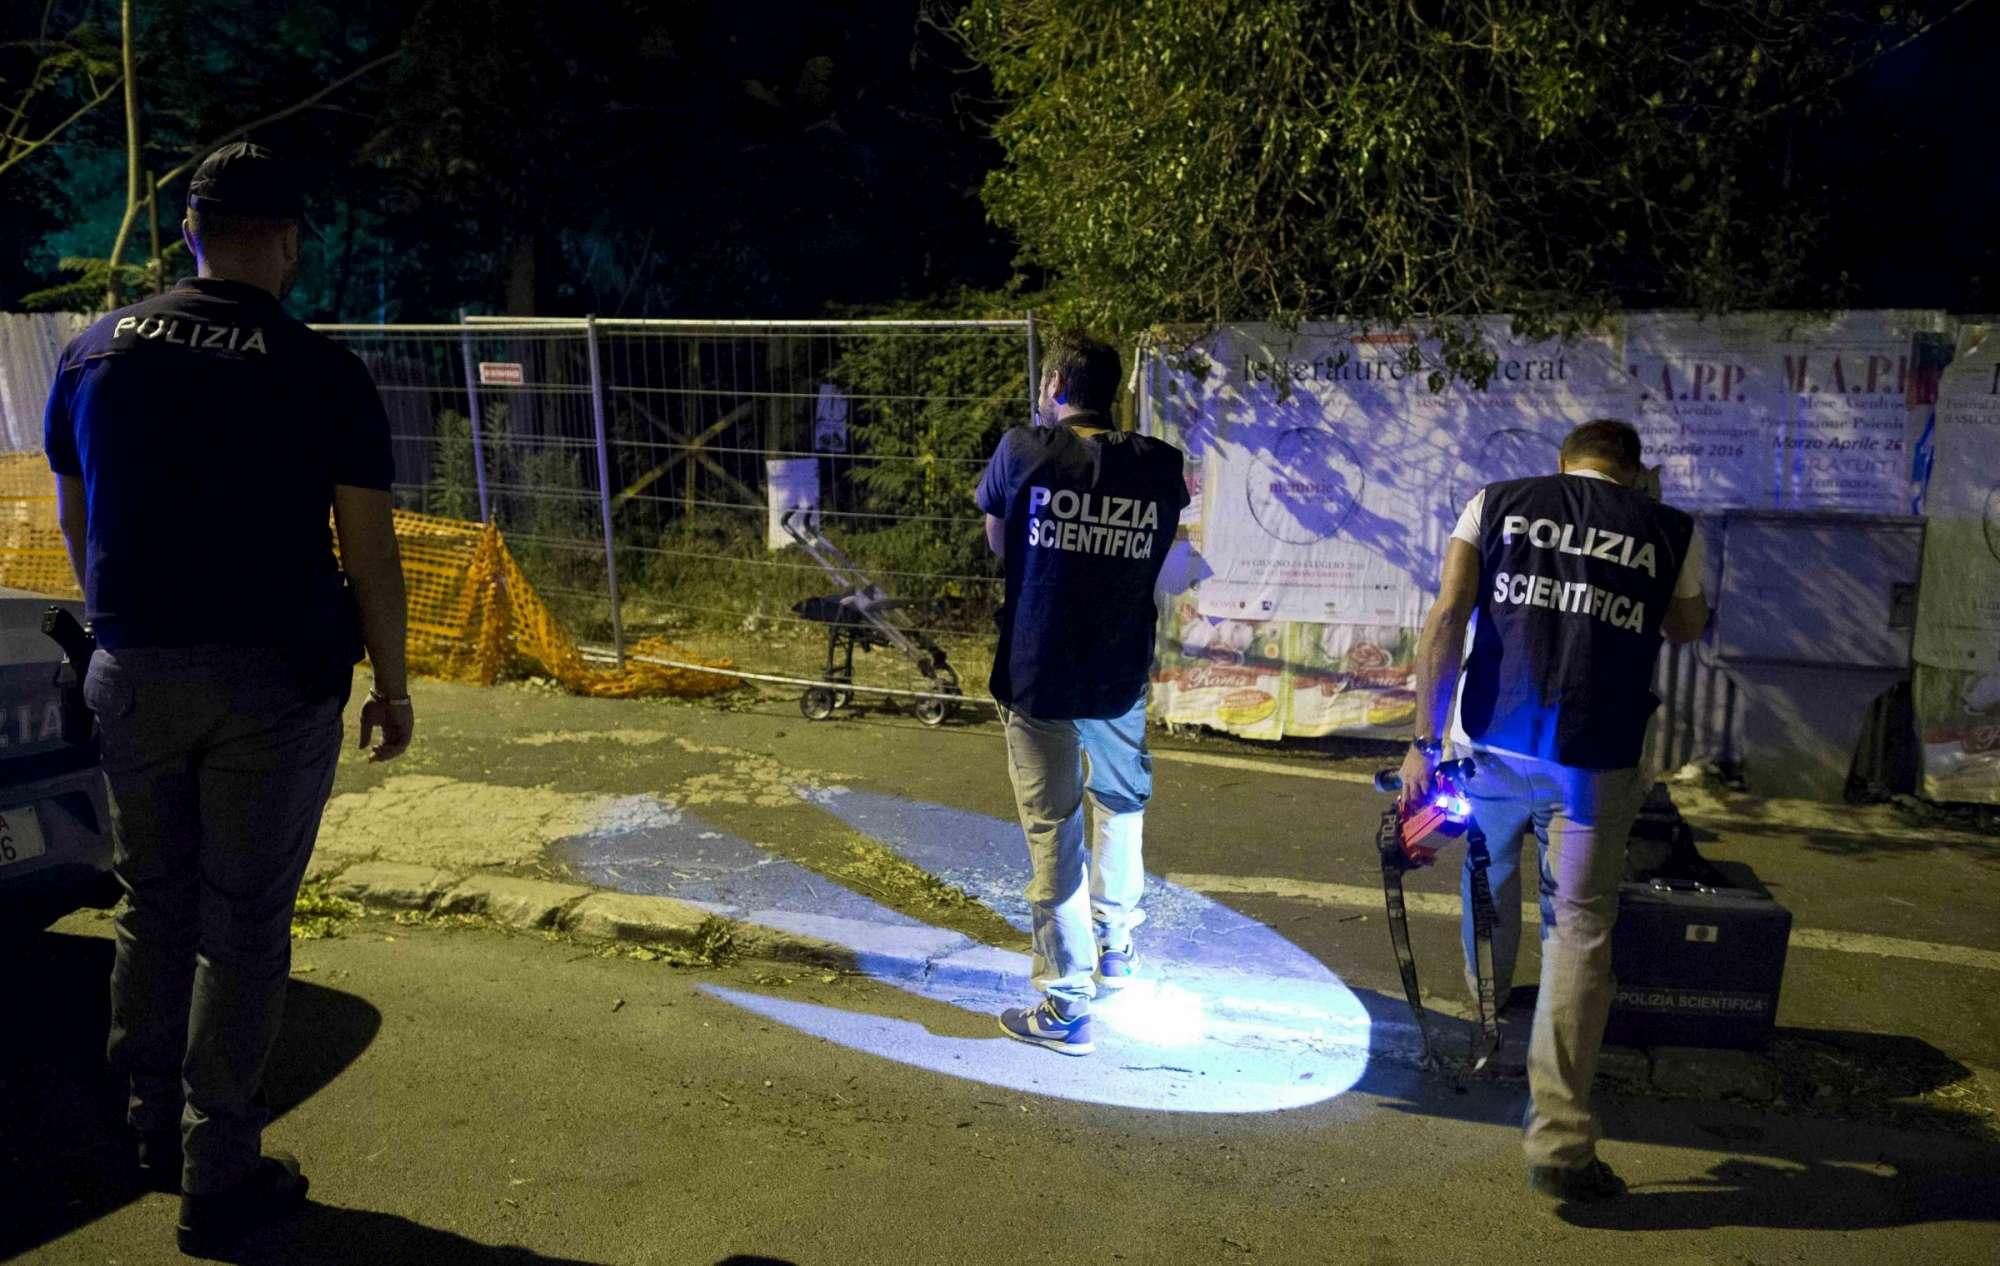 Roma, indagini sul presunto stupro di una 16enne